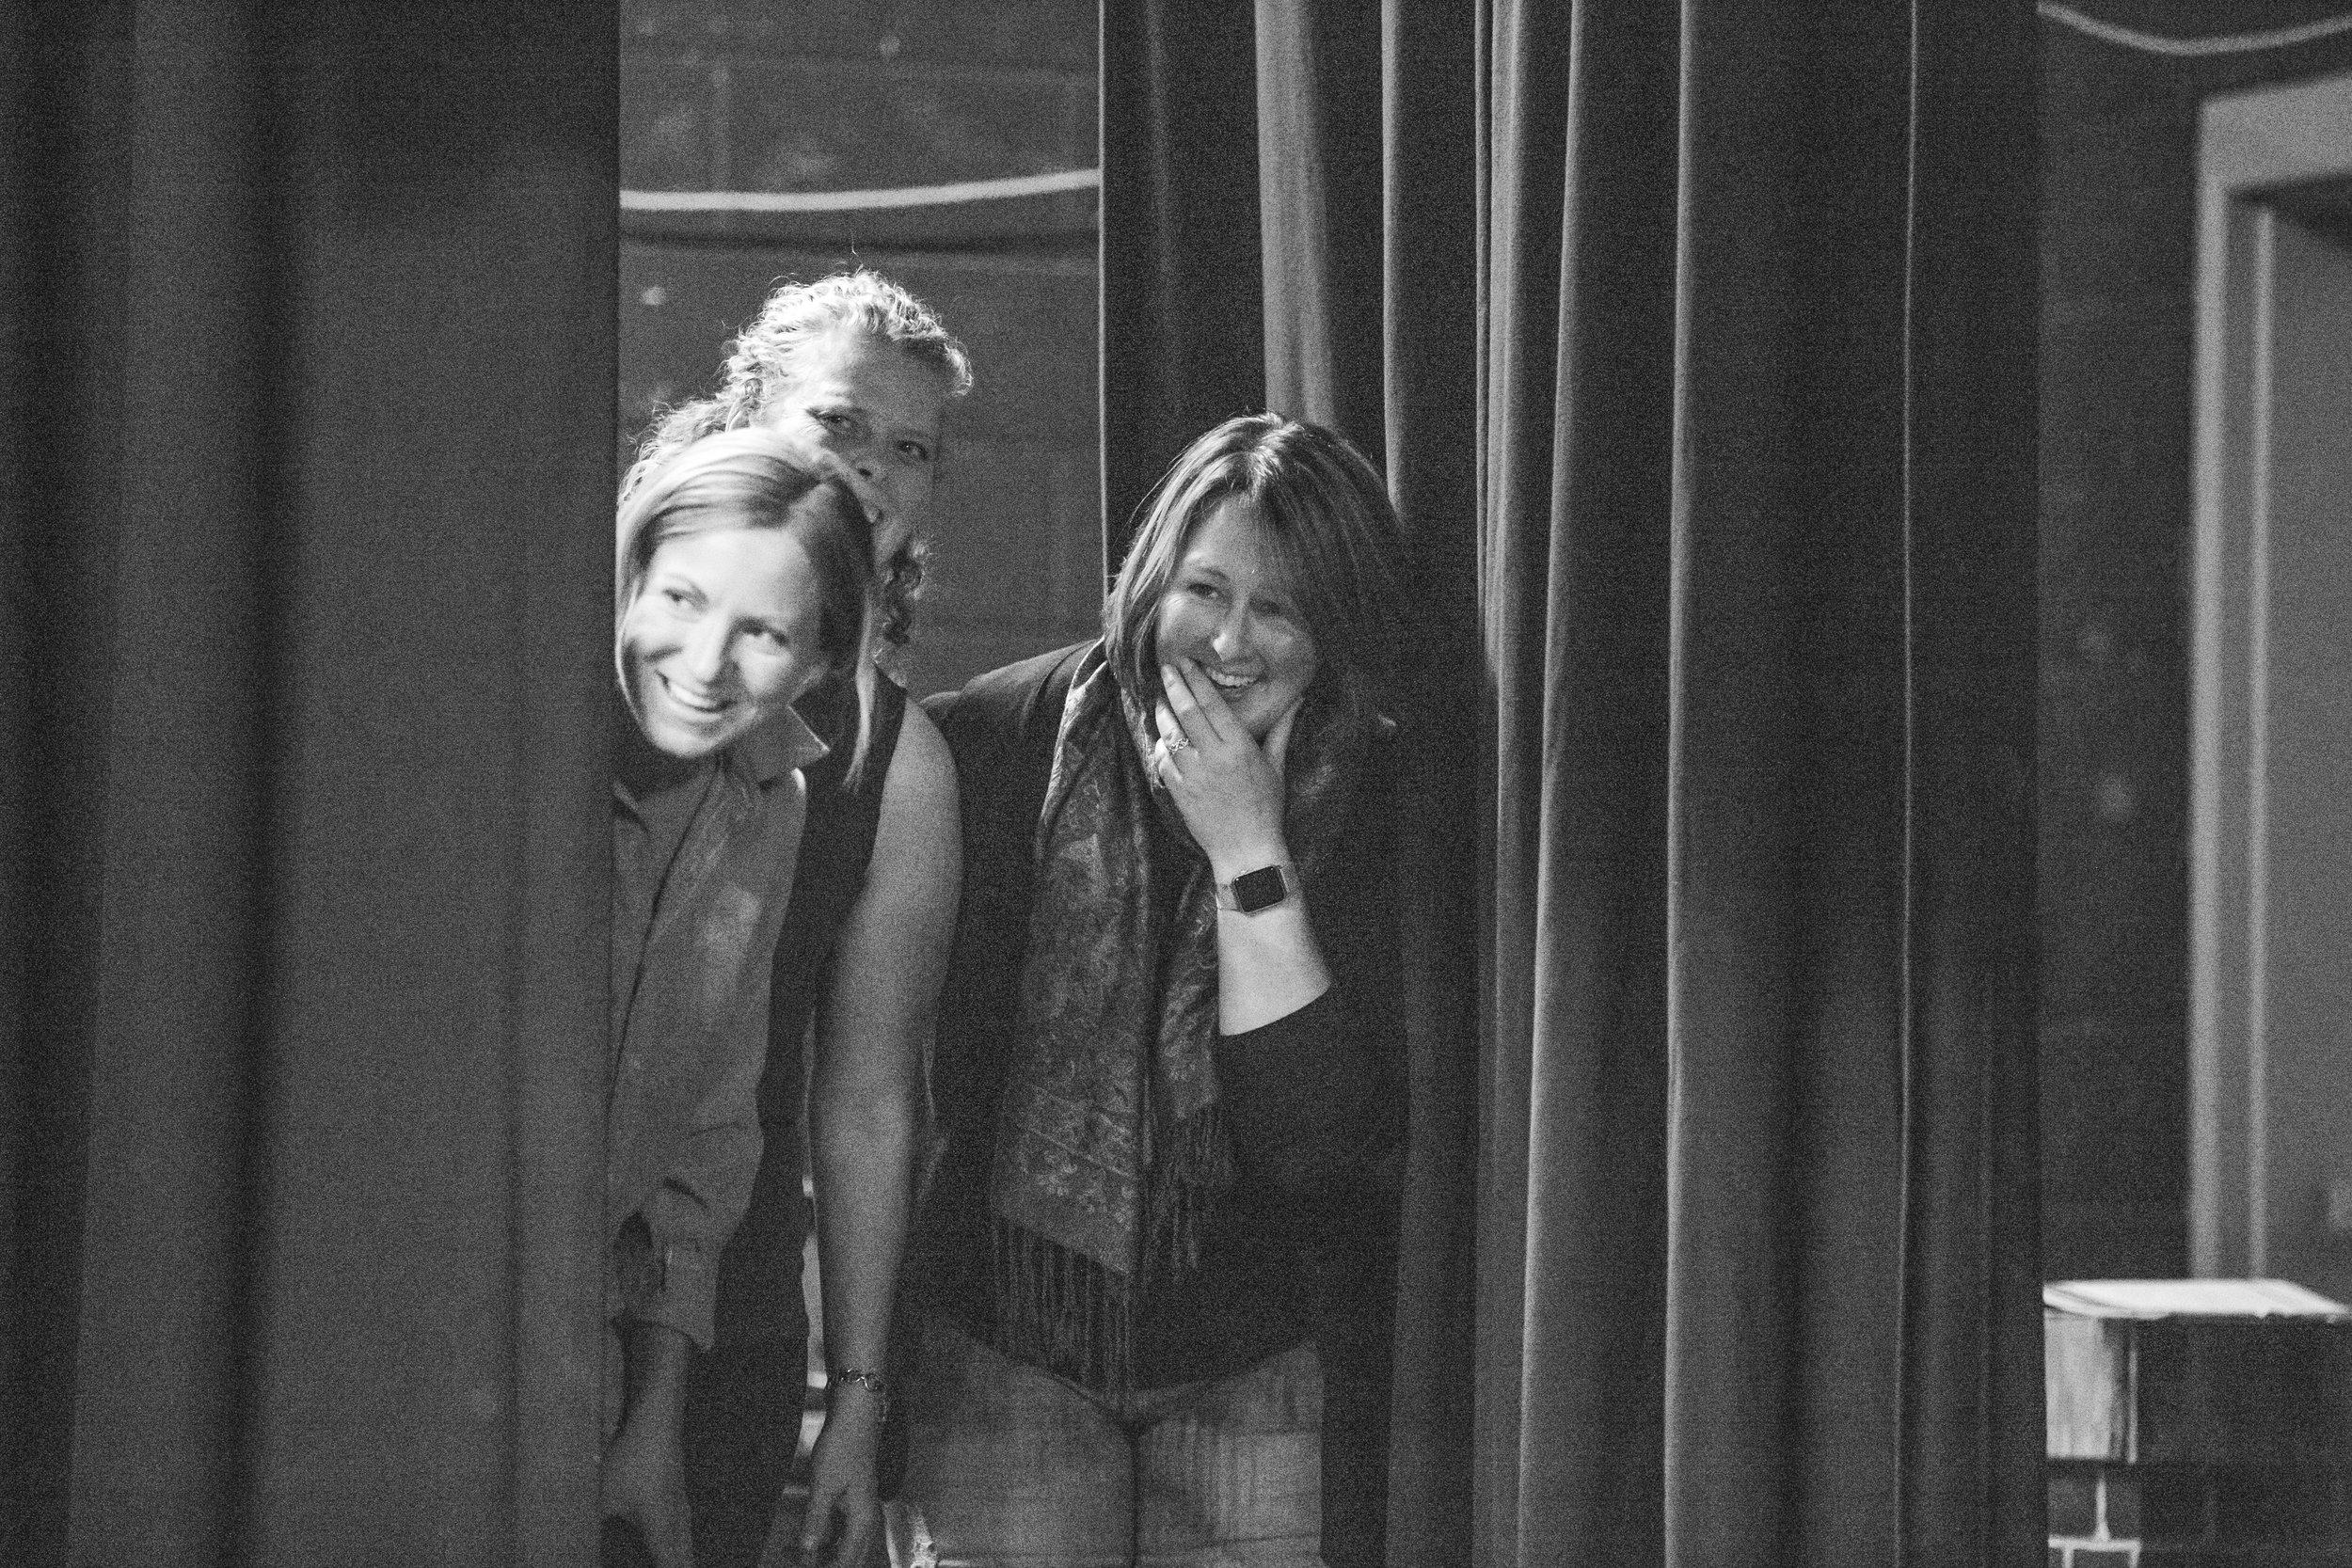 Mary Poppins - Streetlight Theatre Company - Rehearsal Shoot #2 - 23 Sep '18 - 080.JPG